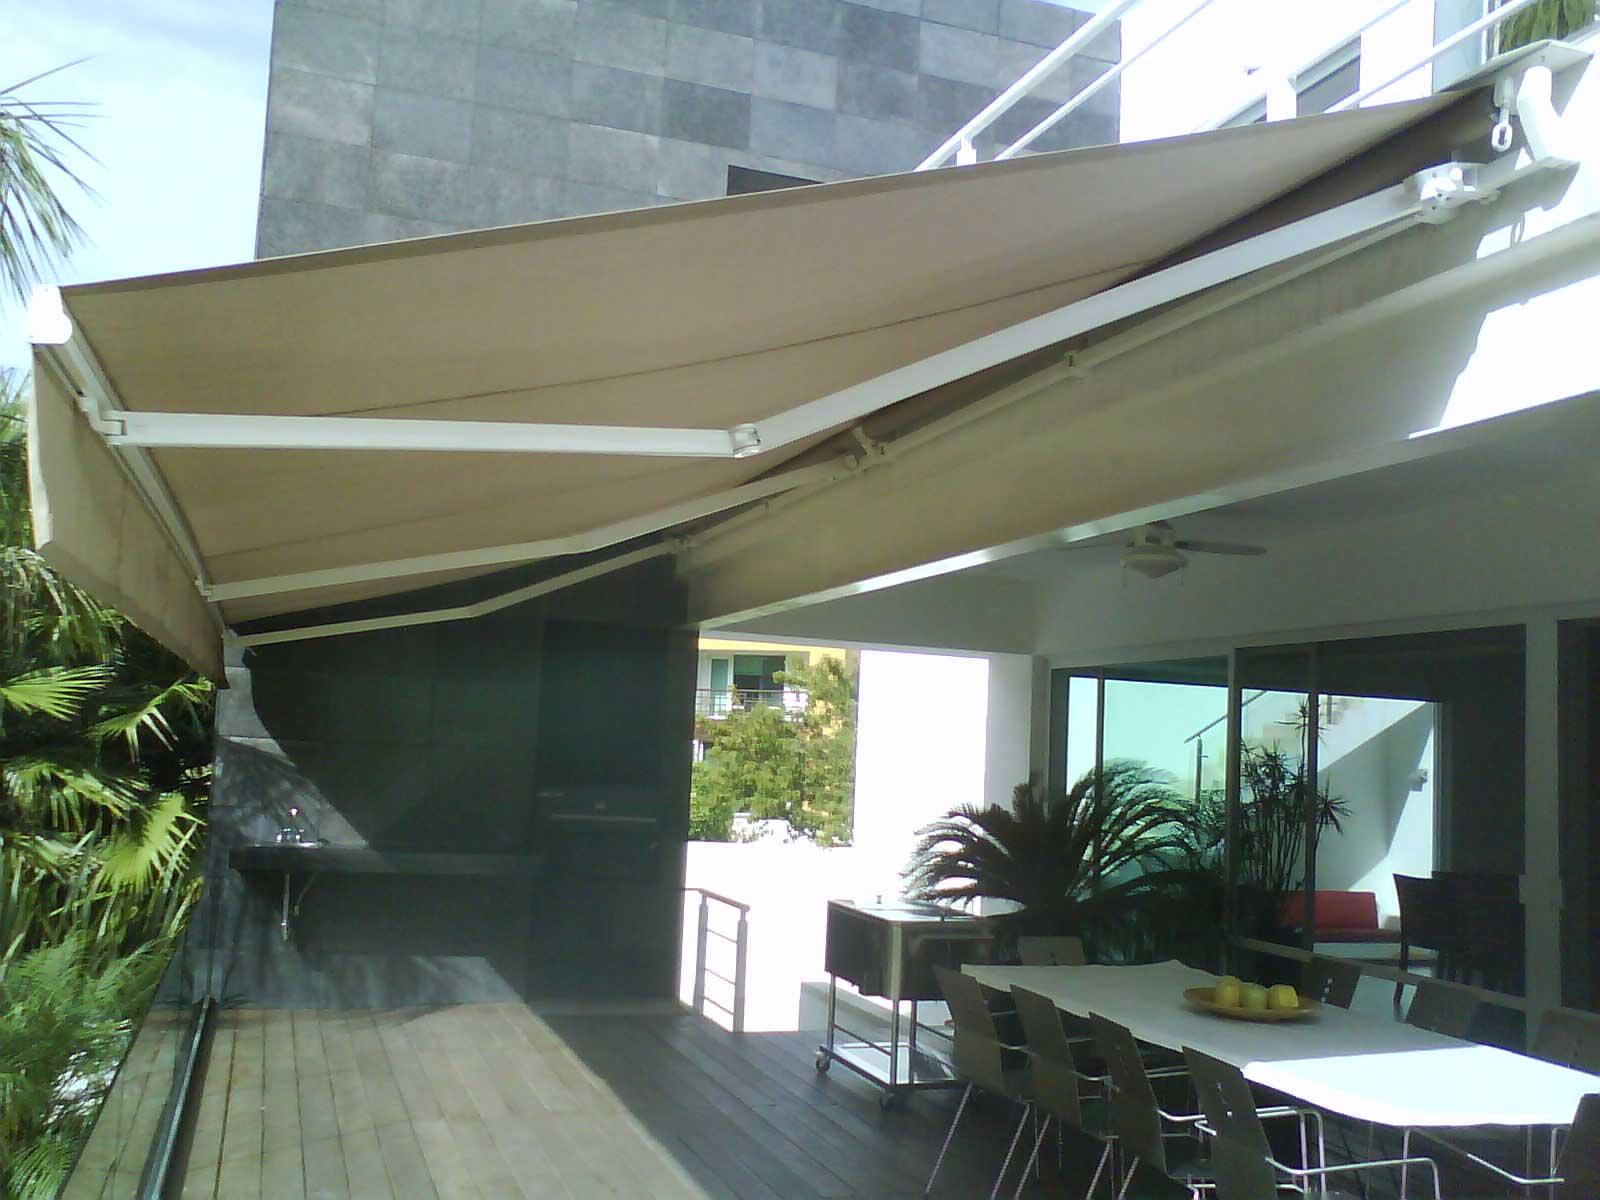 Telas Para Toldos Y Sombrillas De Exterior Sunbrella - Sombrillas-para-terrazas